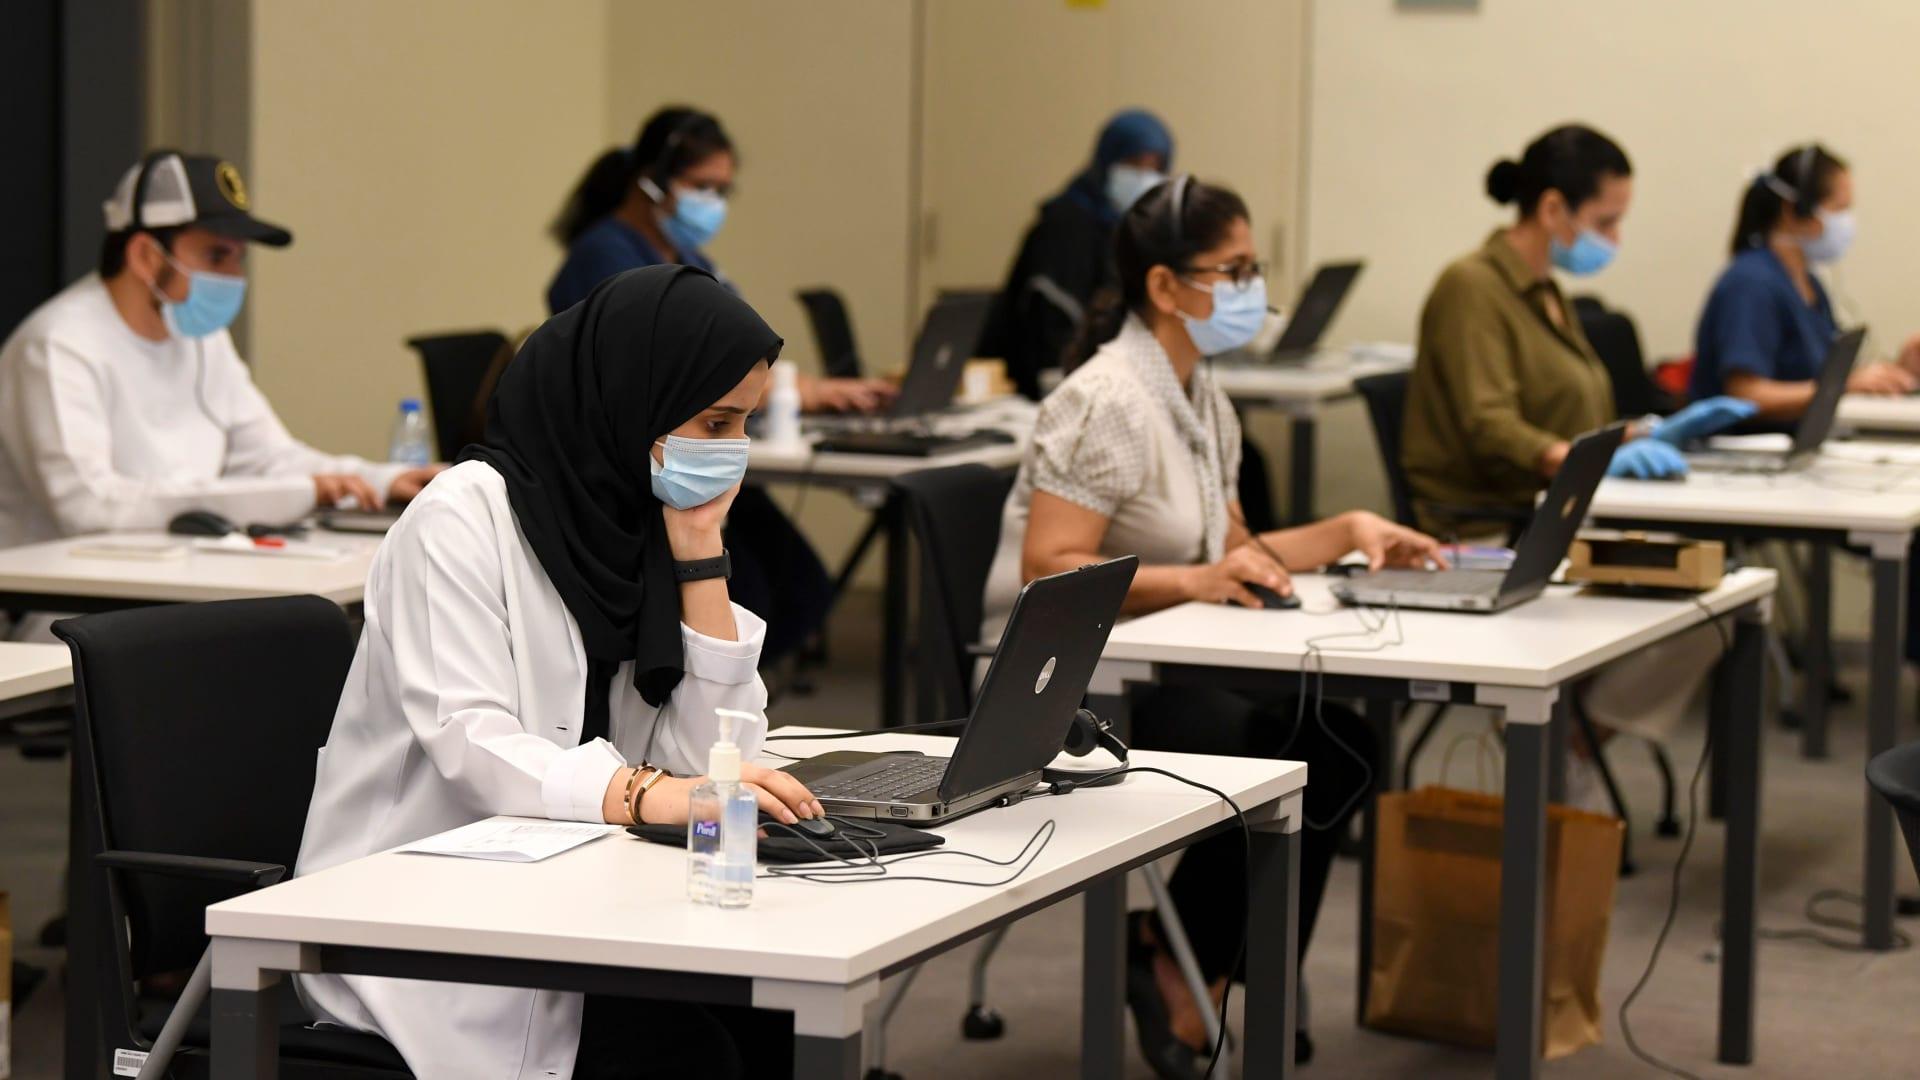 اعتمد عليها بكثرة بعد كورونا.. أين دول الشرق الأوسط من التقنيات الرقمية؟